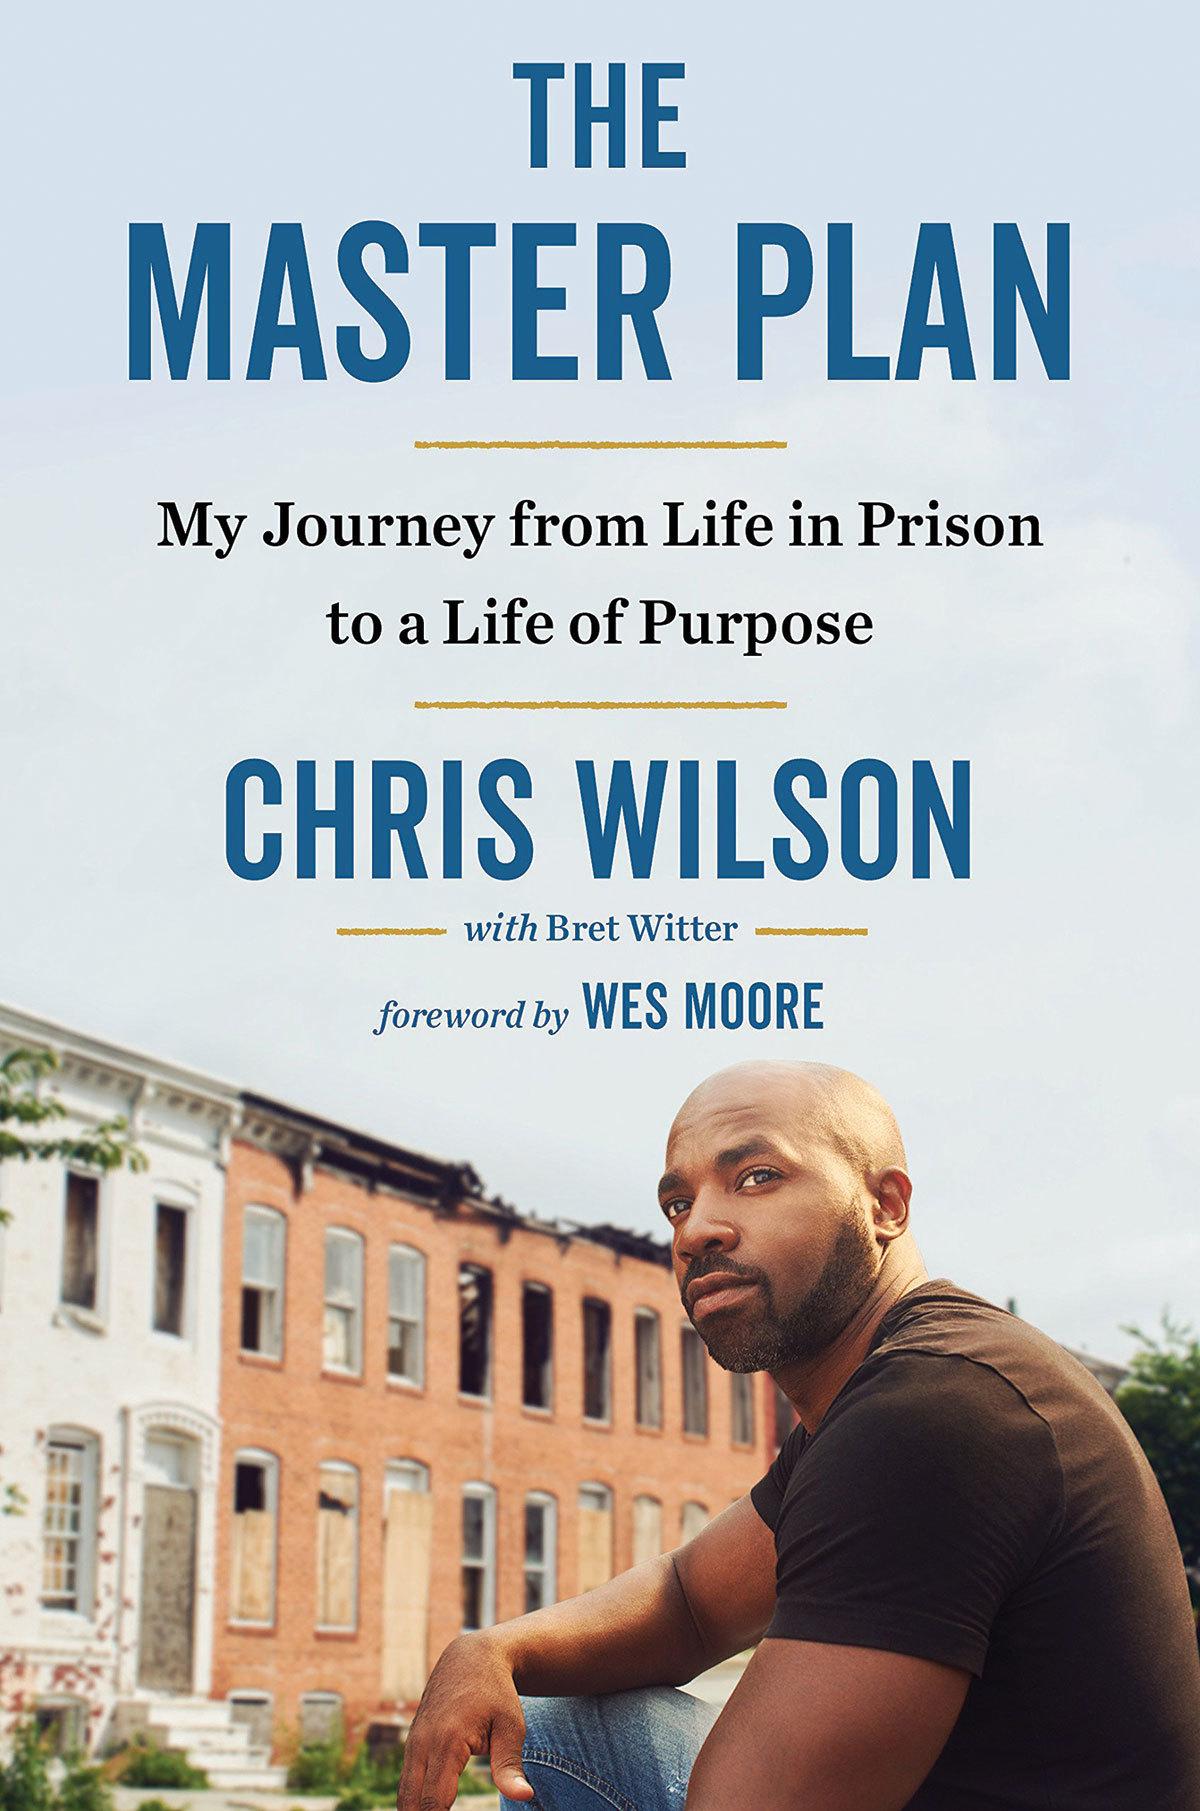 Book-The-Master-Plan.jpg#asset:70921